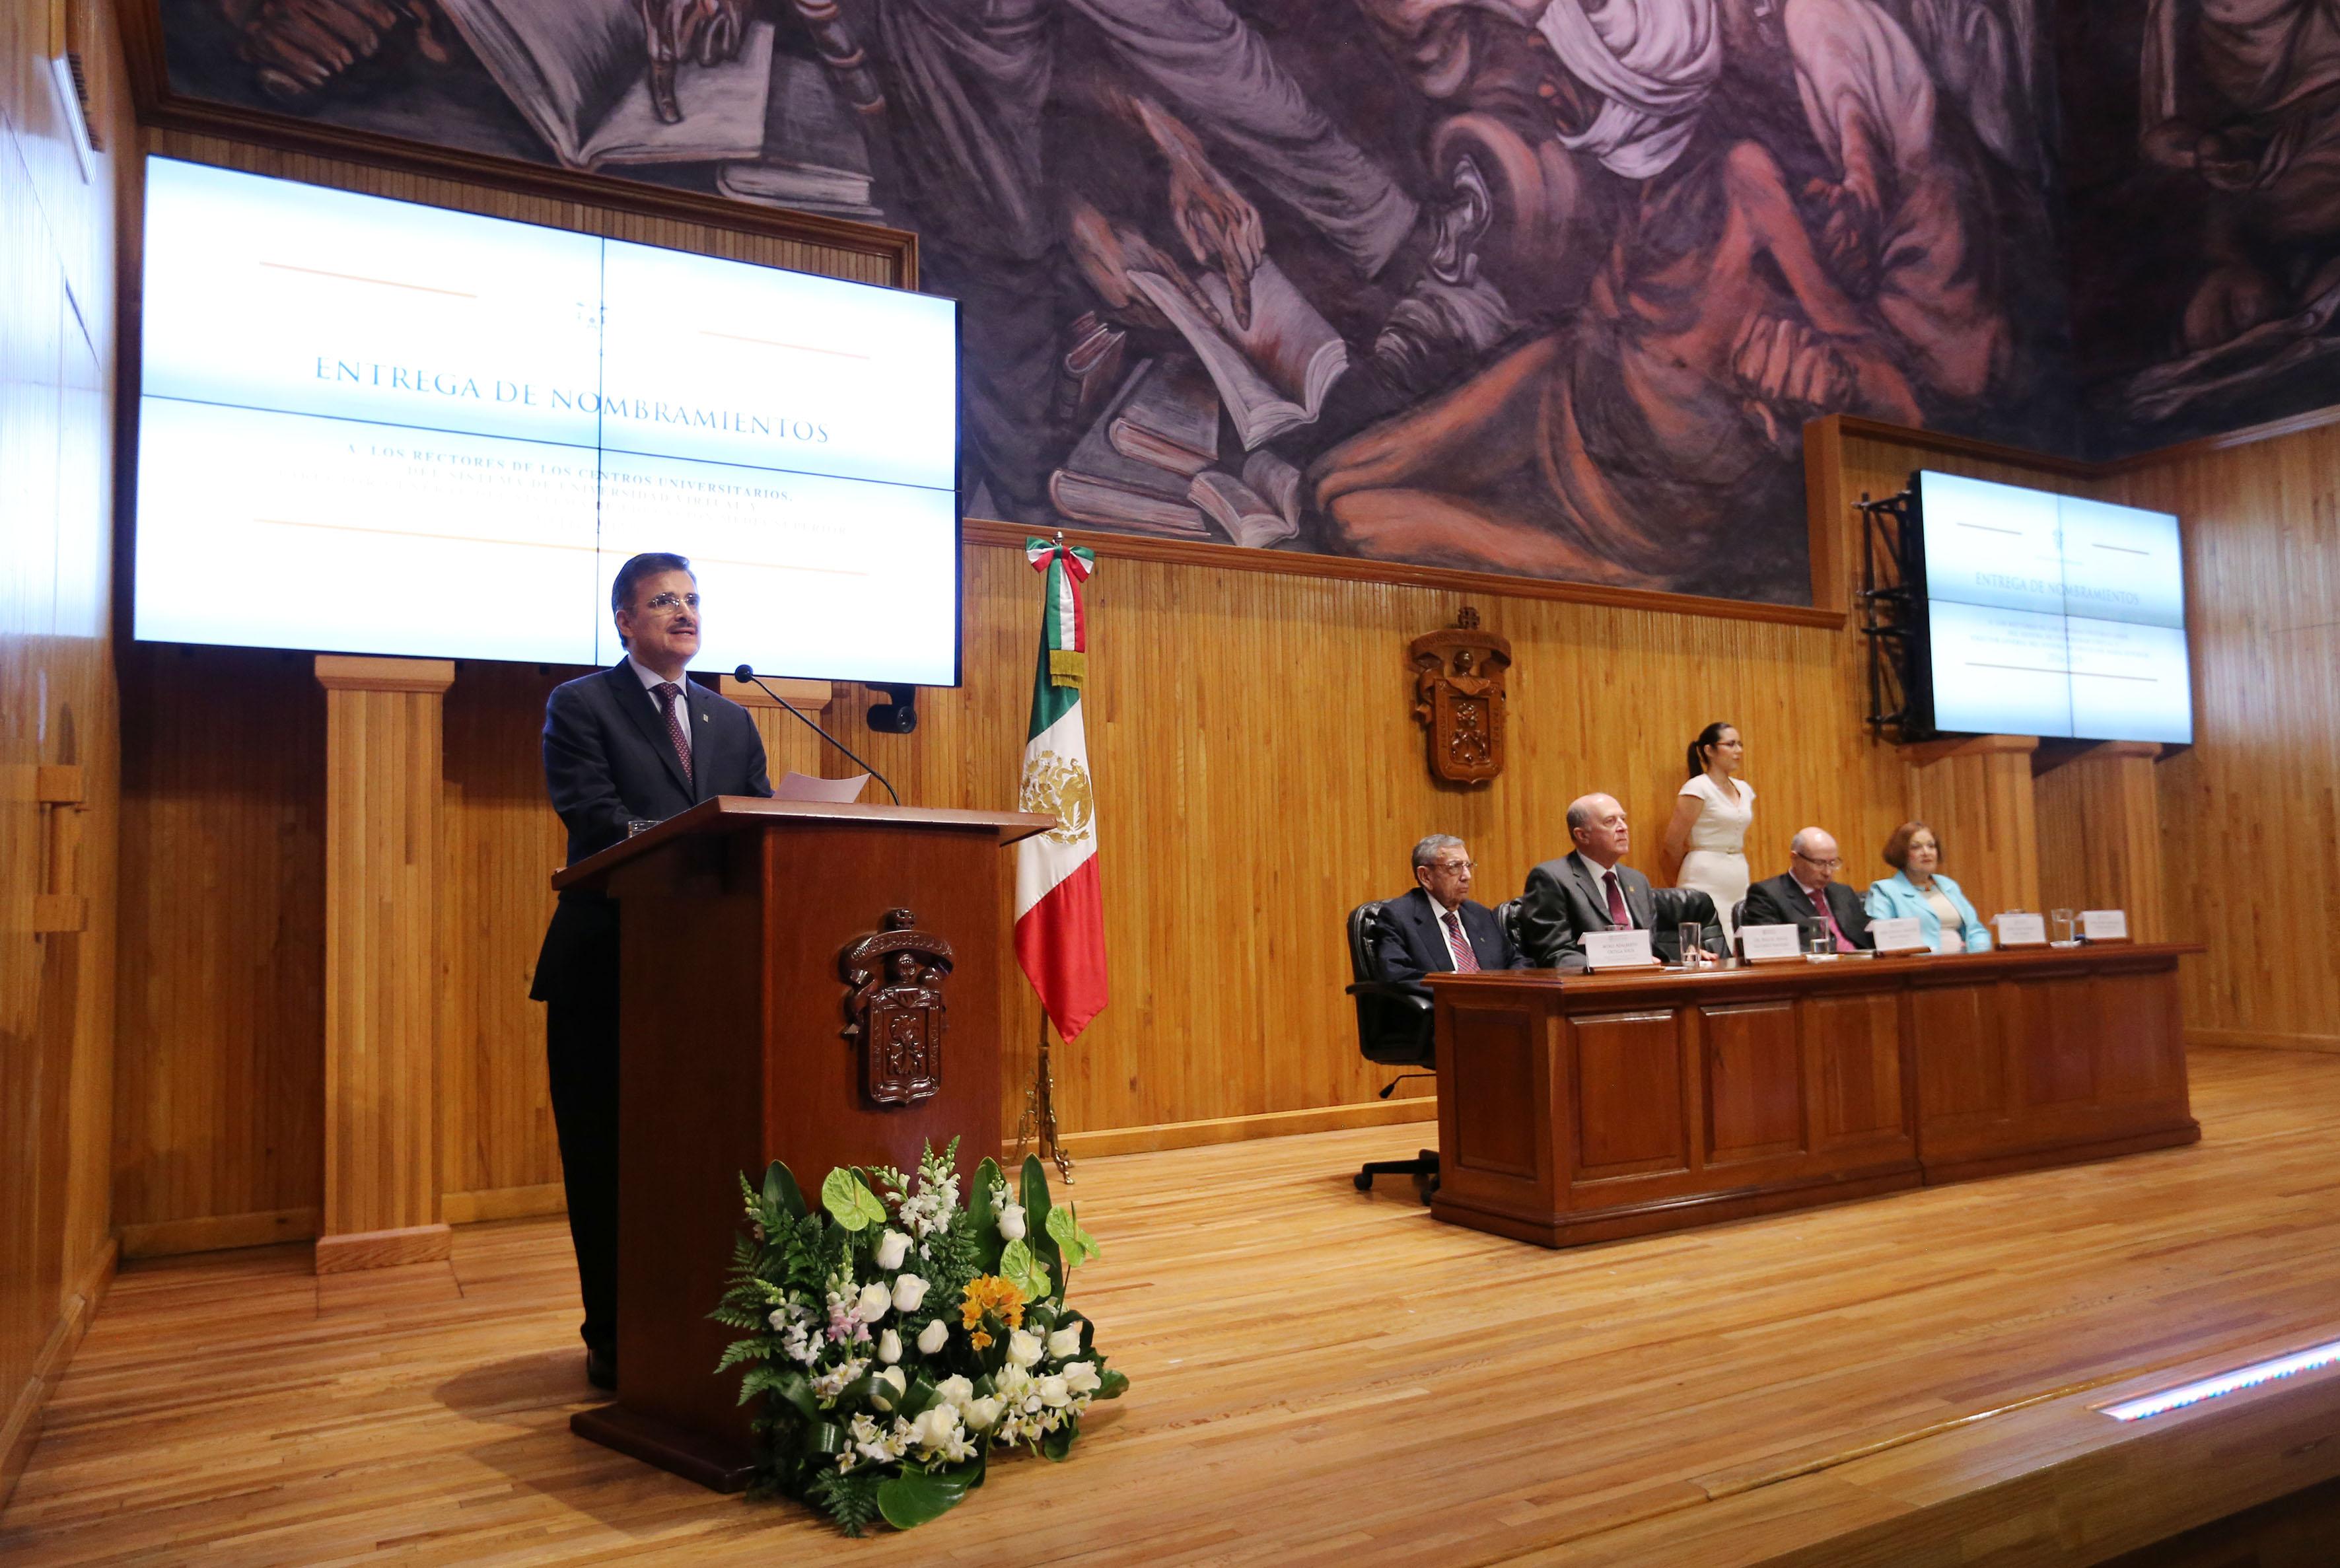 Maestro Itzcóatl Tonatiuh Bravo Padilla, Rector General de la UdeG, en podium del Paraninfo Enrique Díaz, haciendo uso de la palabra.